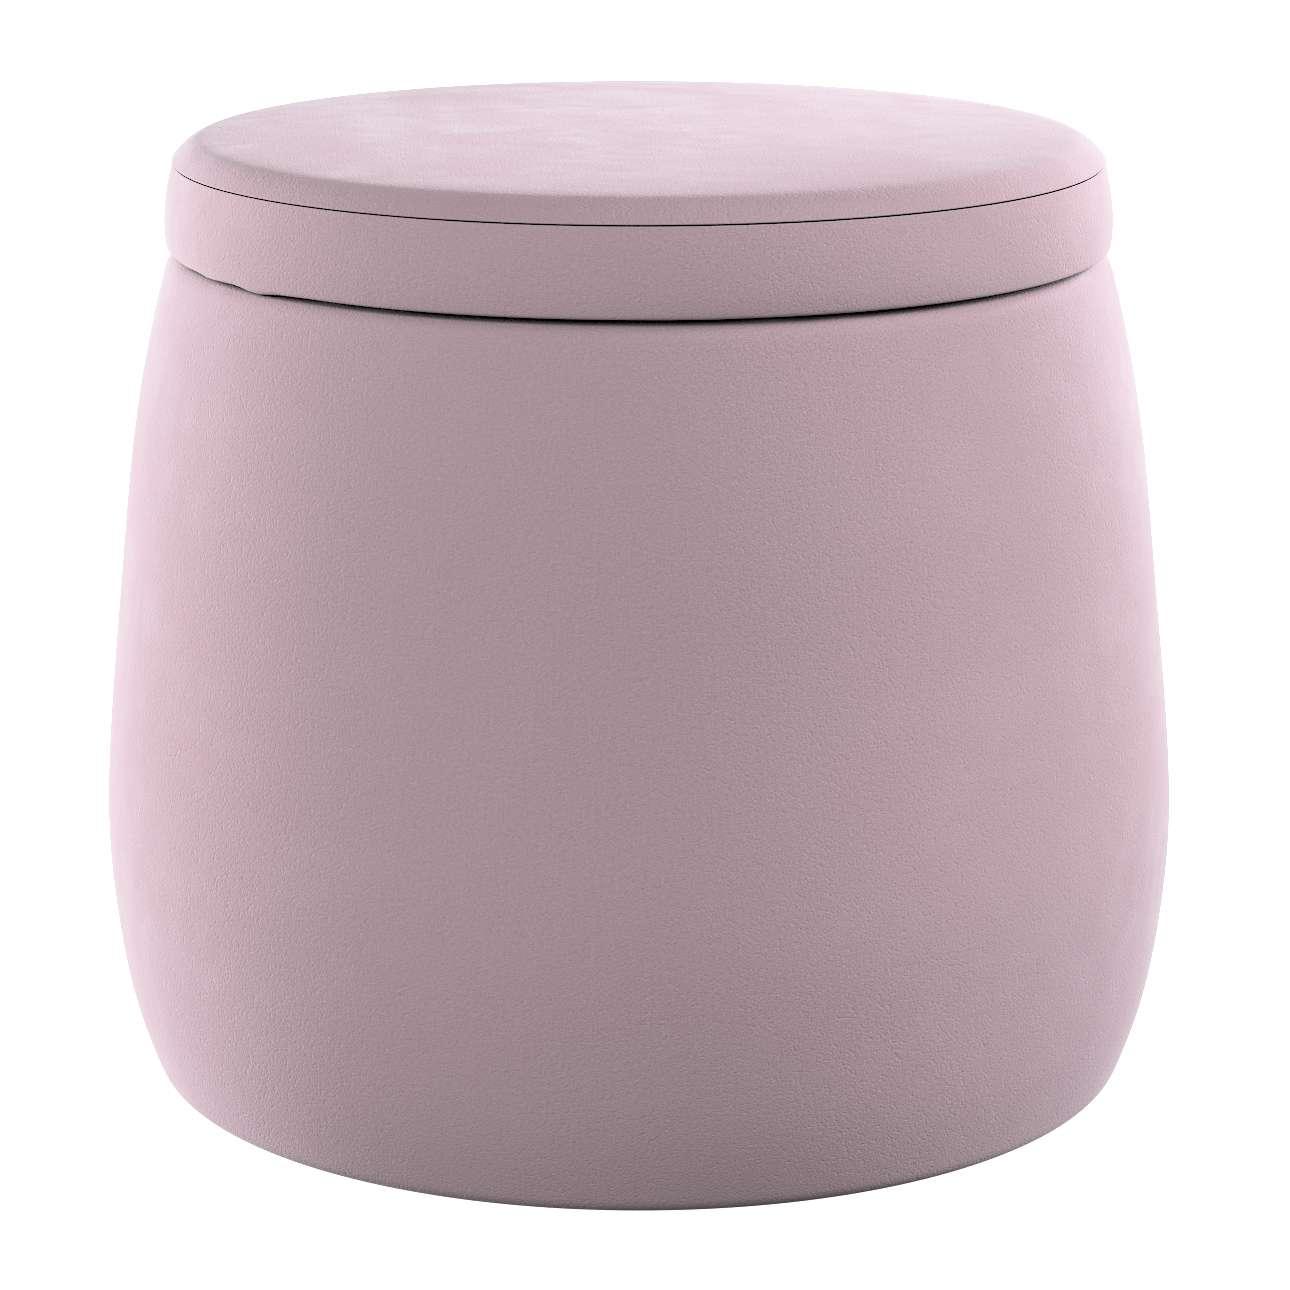 Pouf Candy Jar von der Kollektion Posh Velvet, Stoff: 704-14